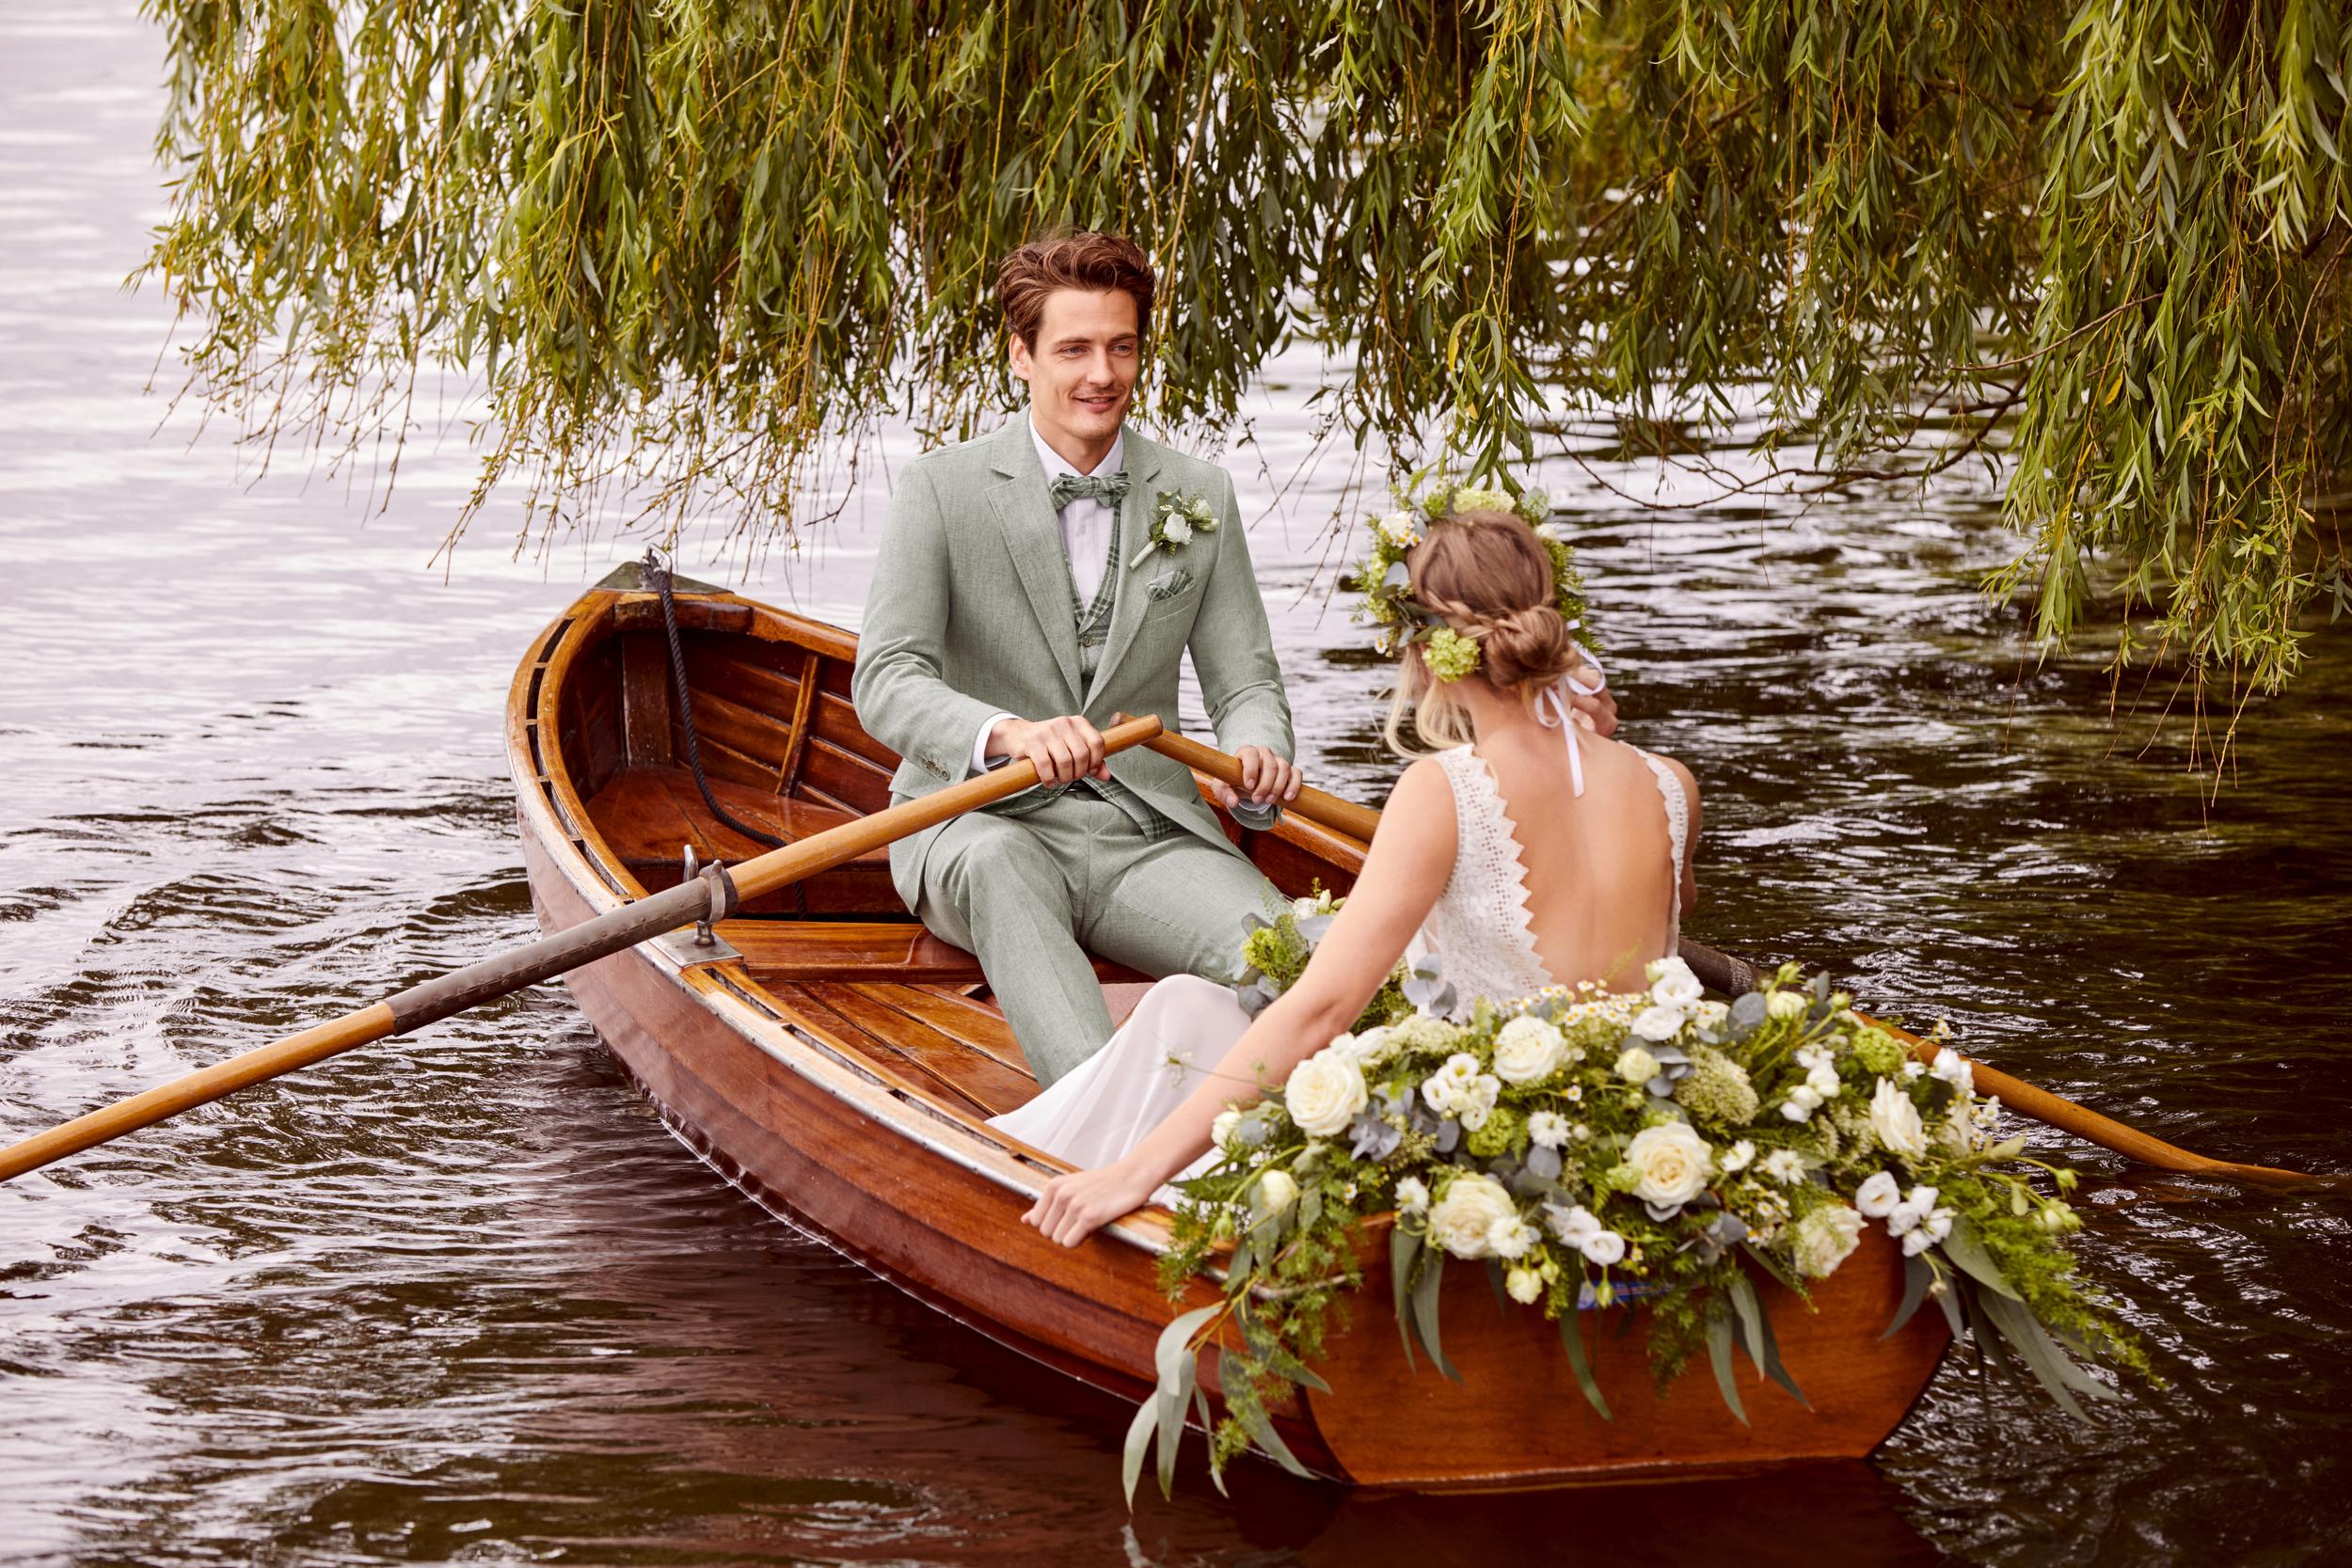 wil_0121_kam_at-gala-vintage-wedding-Look1_1_JPEG Lowres extern von Master